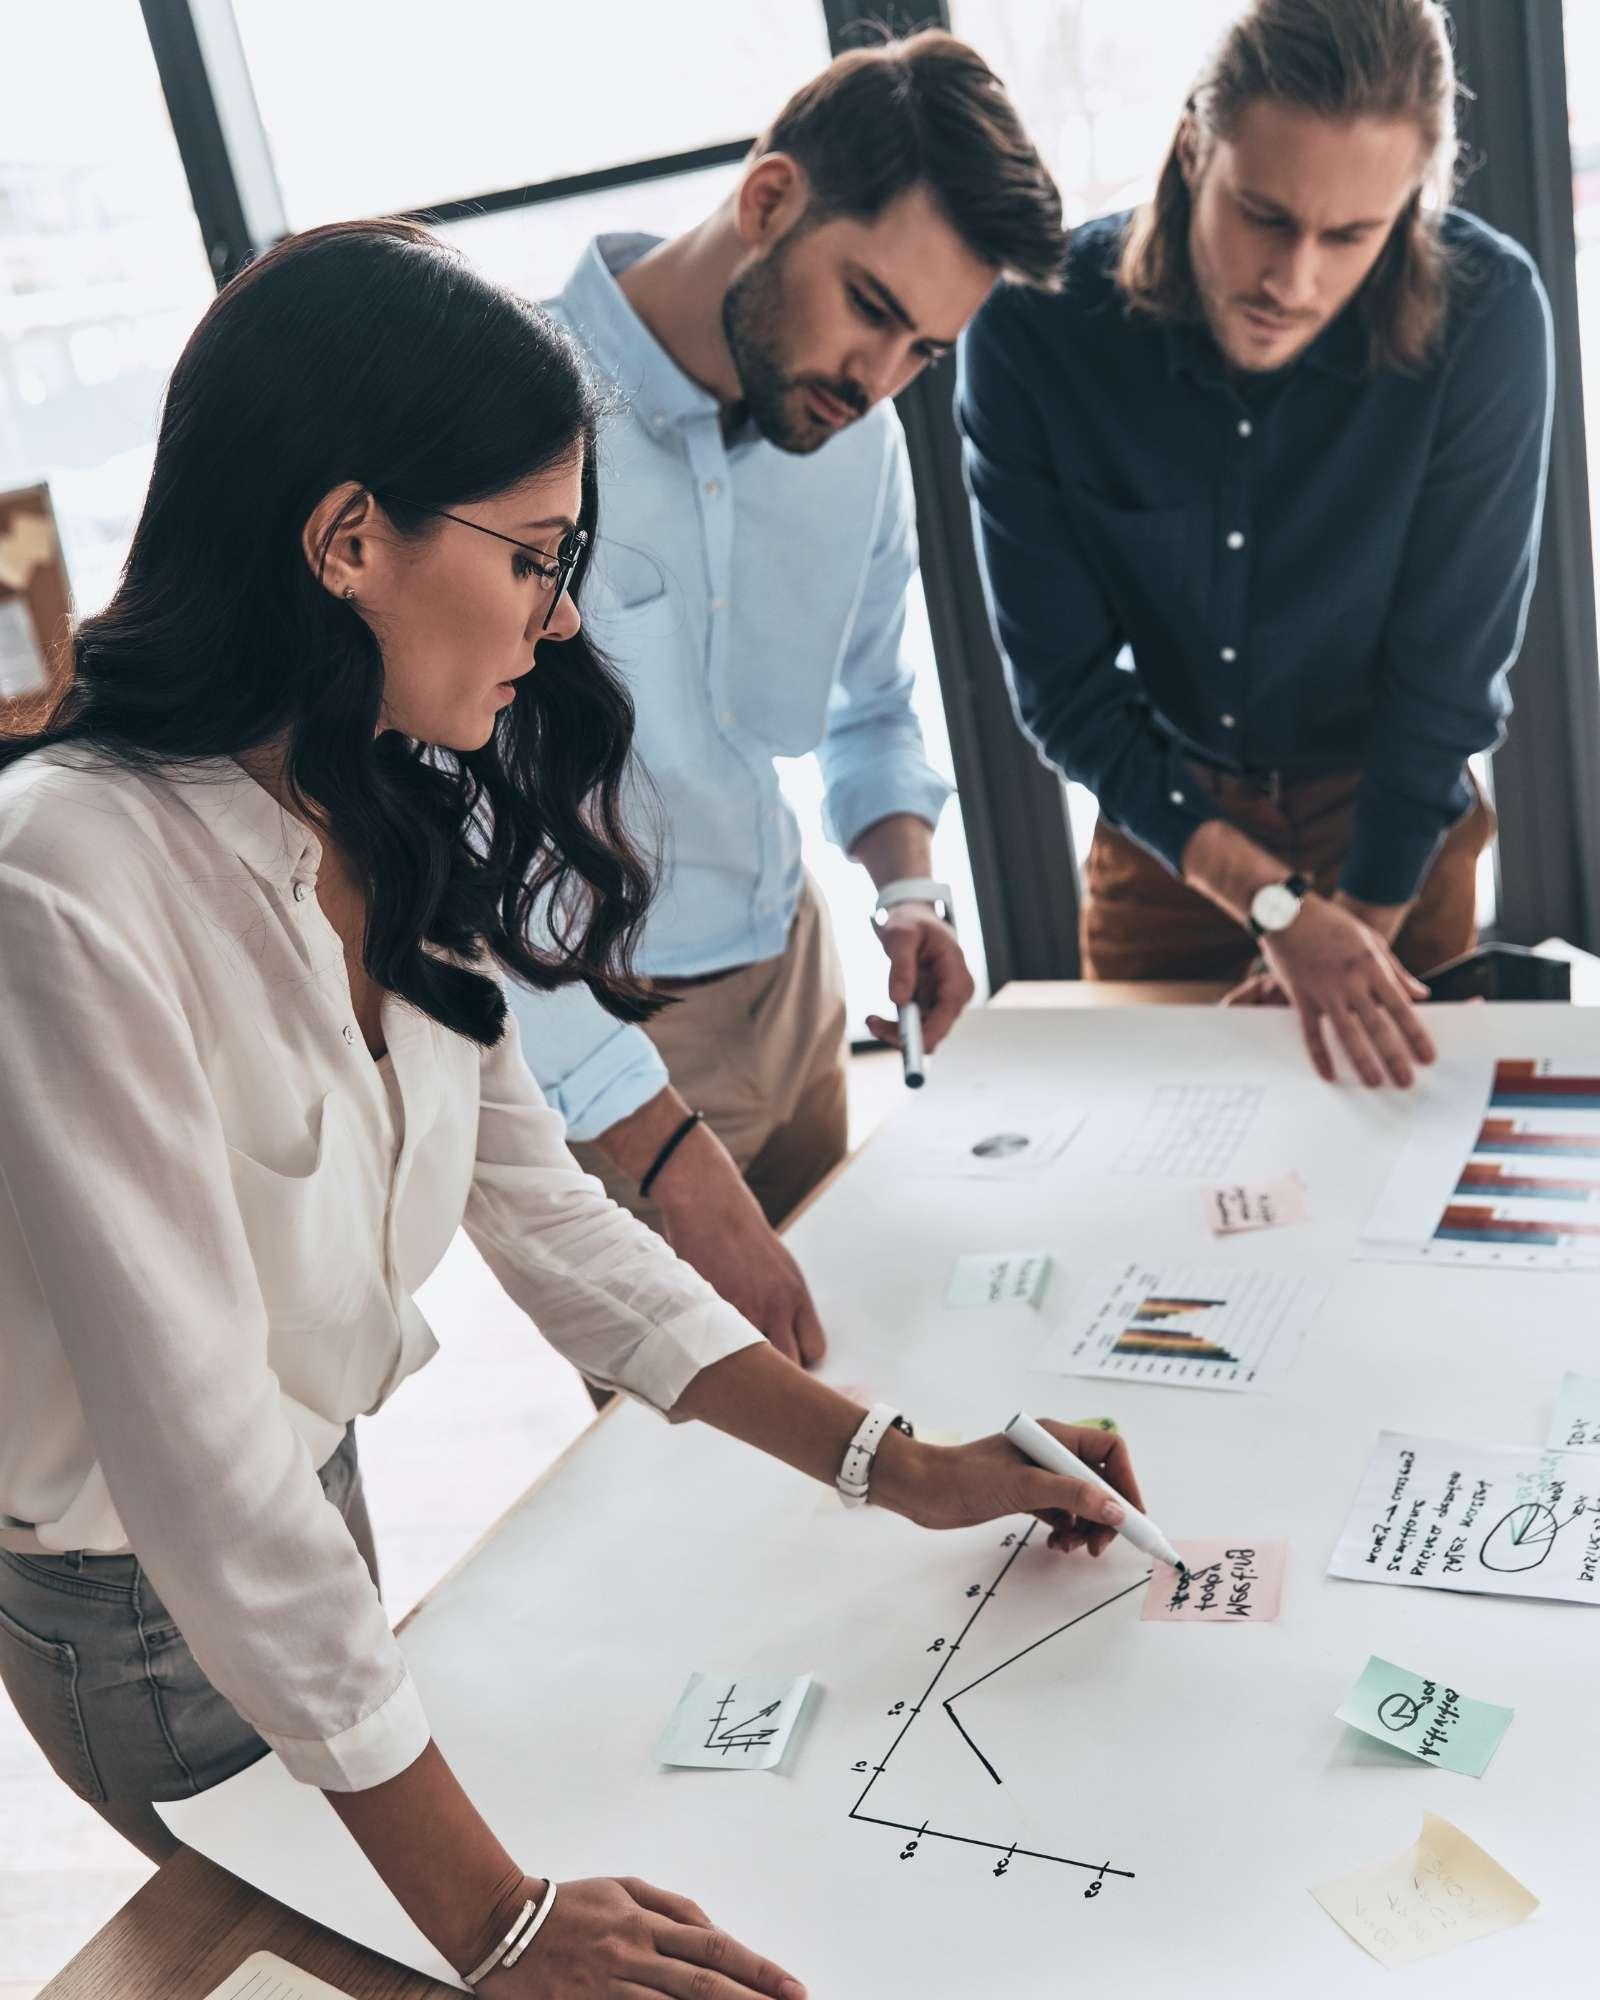 Moment de collaboration entre plusieurs collaborateurs autour d'un plan pour définir objectifs